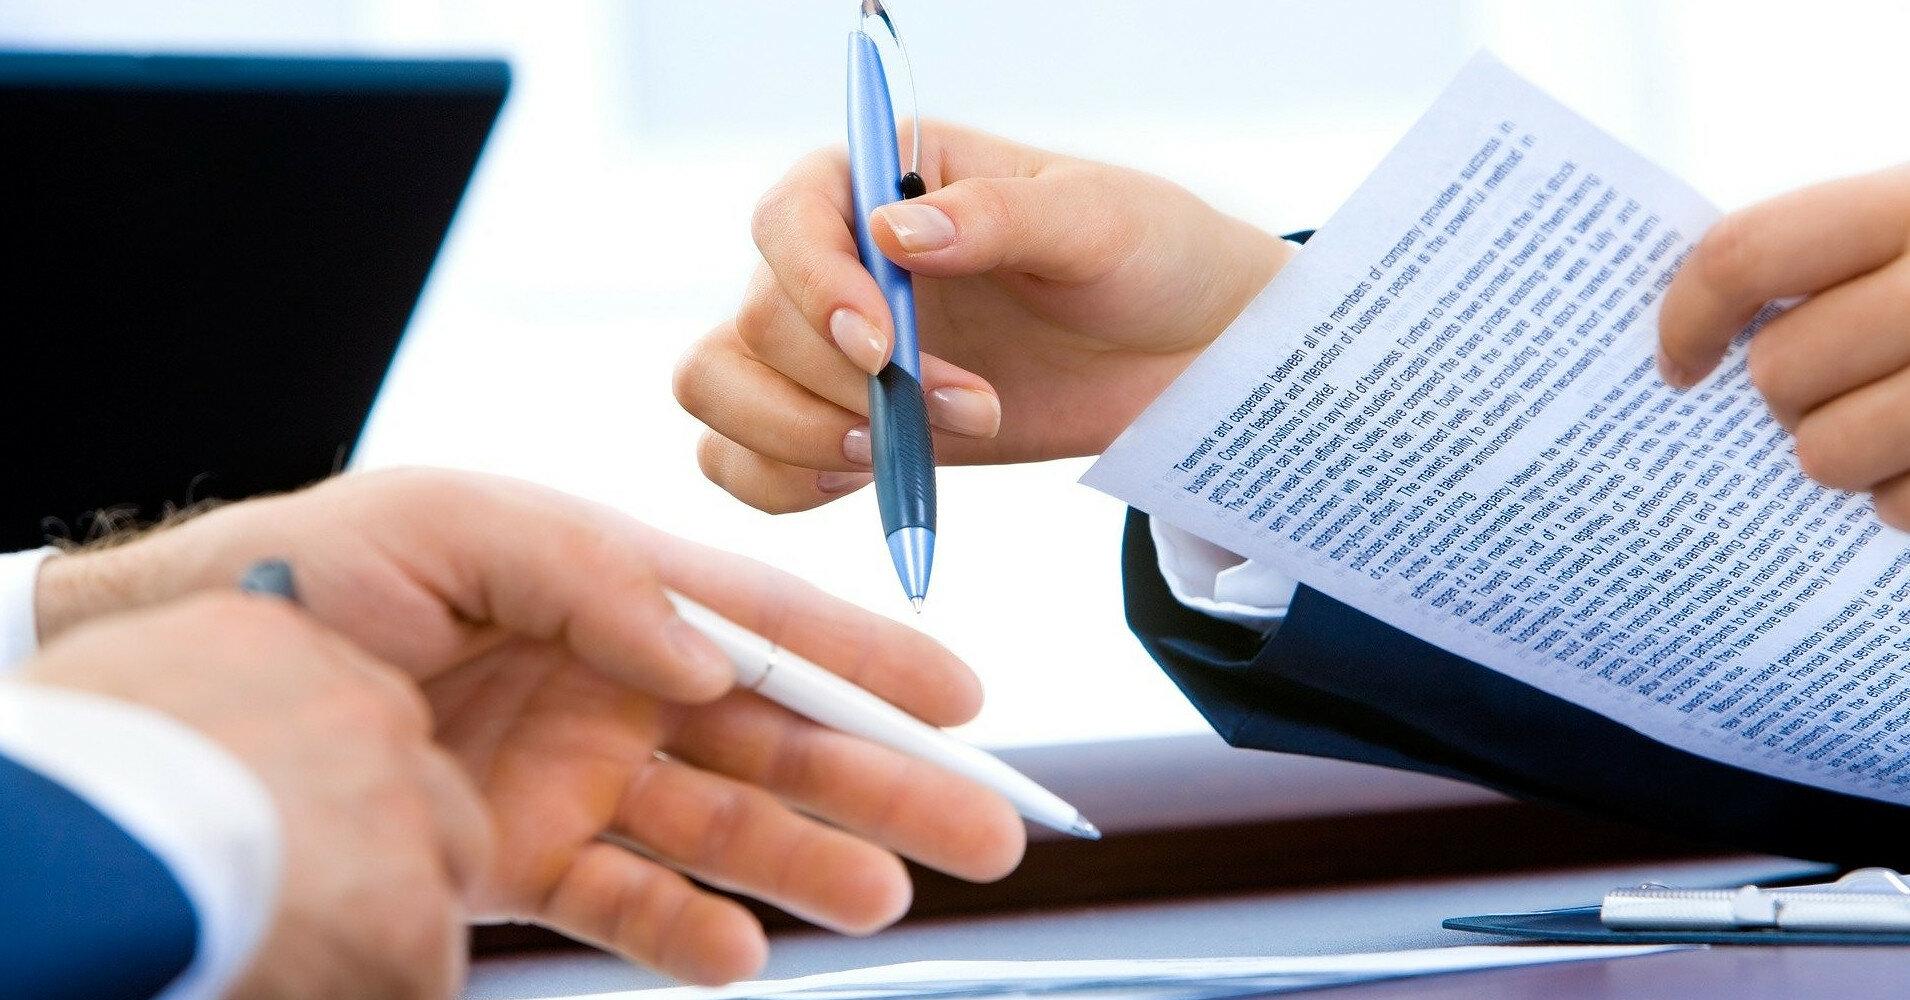 Предварительный и основной договор: нюансы купли-продажи имущества